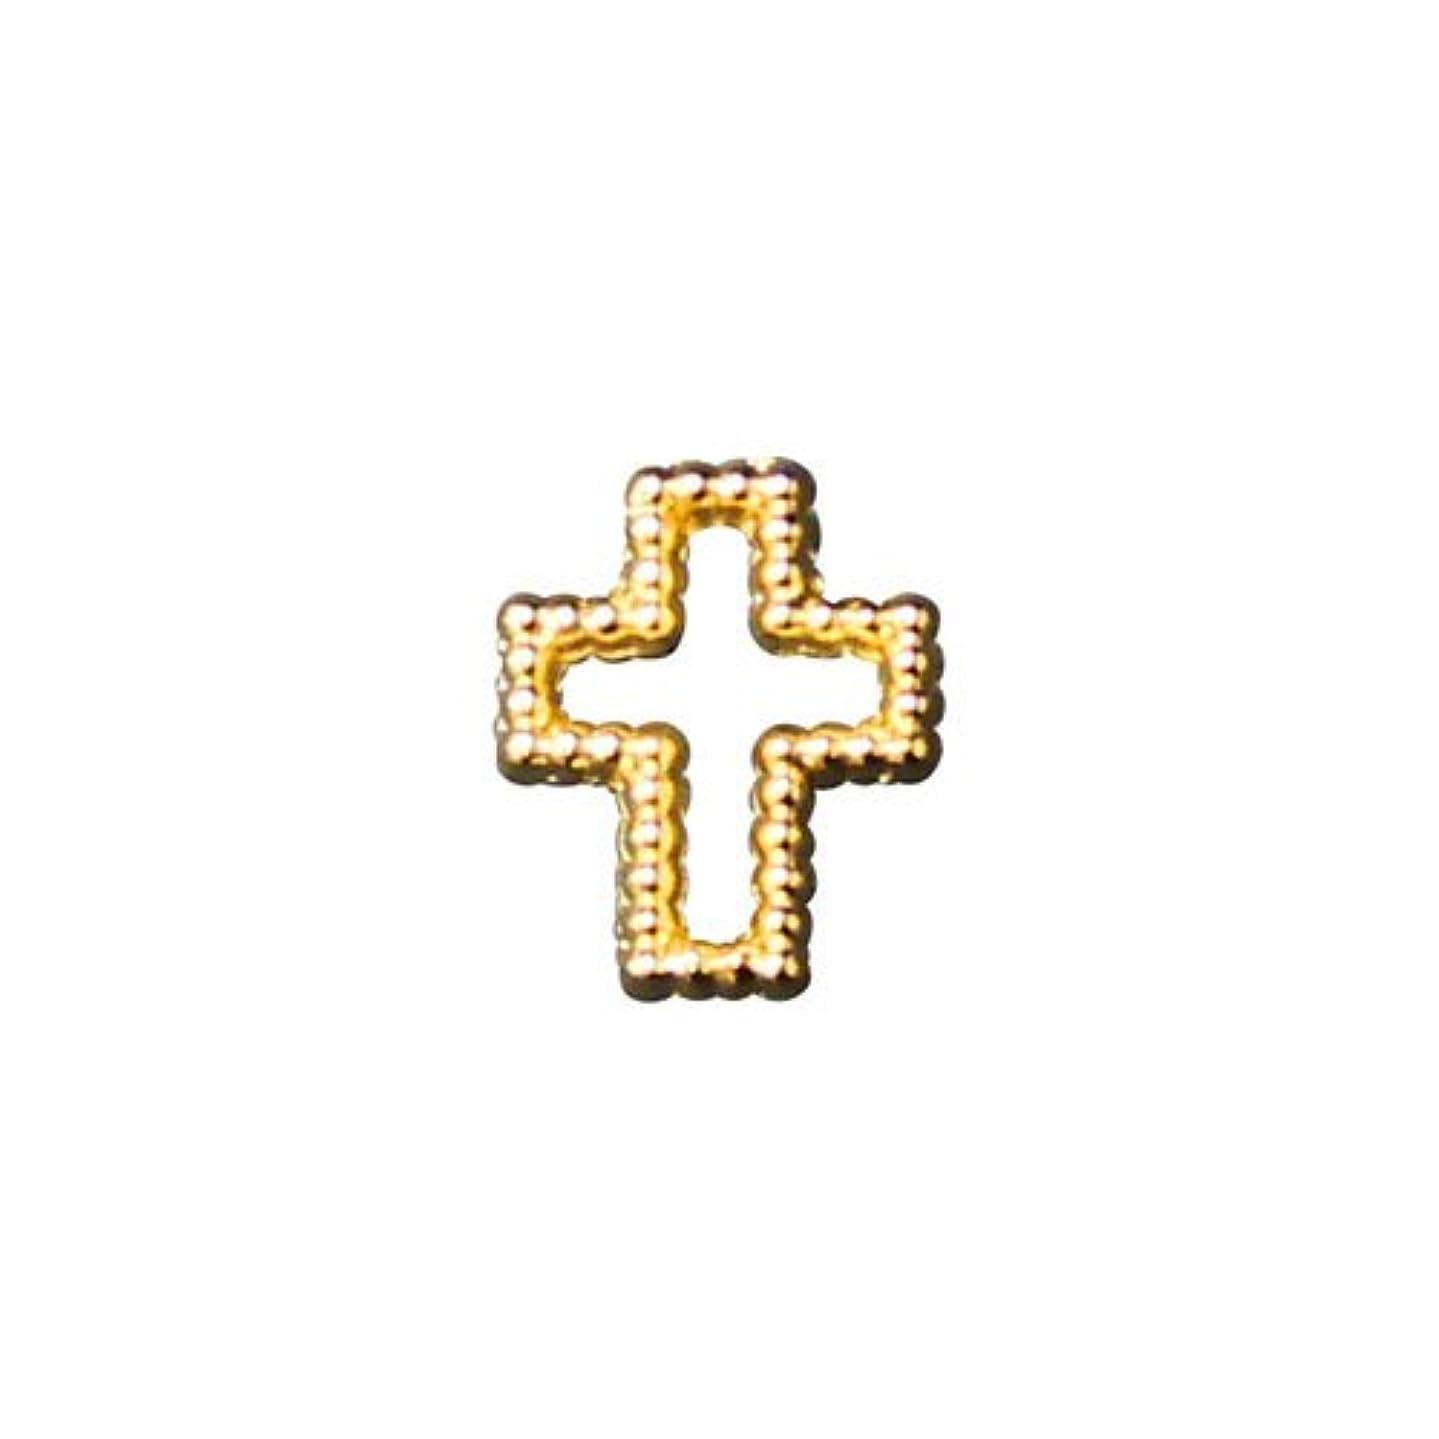 プリティーネイル ネイルアートパーツ ブリオンクロス2 M ゴールド 12個